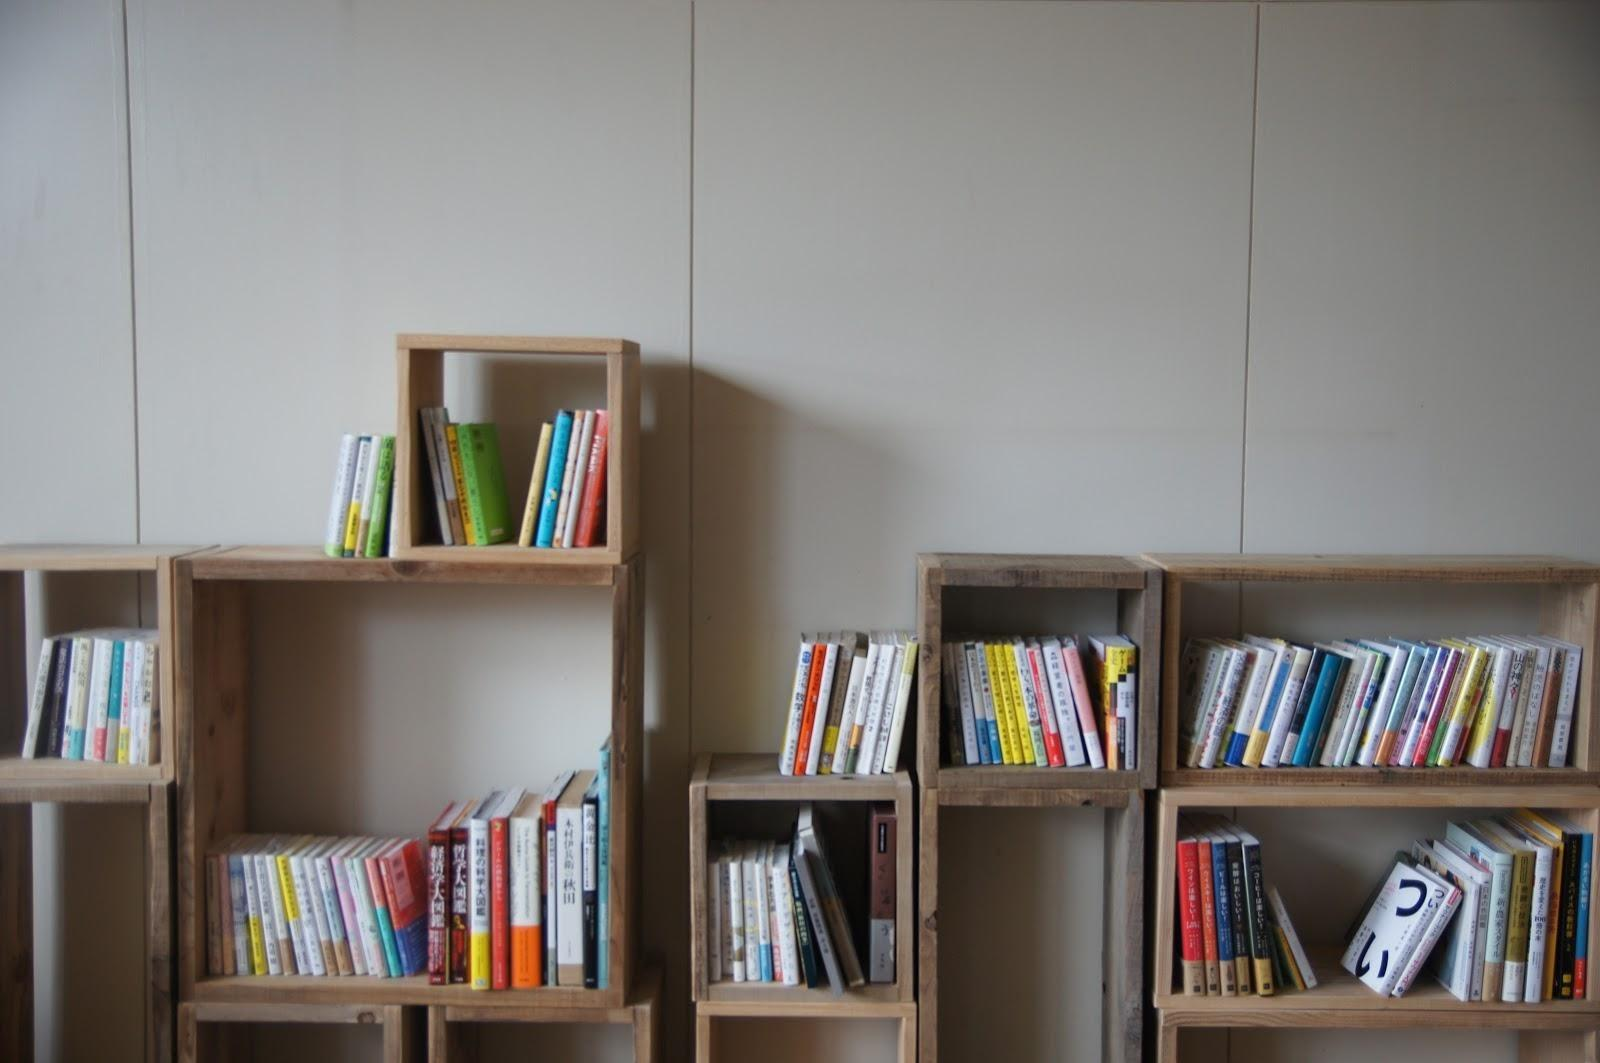 本棚に並んでいる  自動的に生成された説明